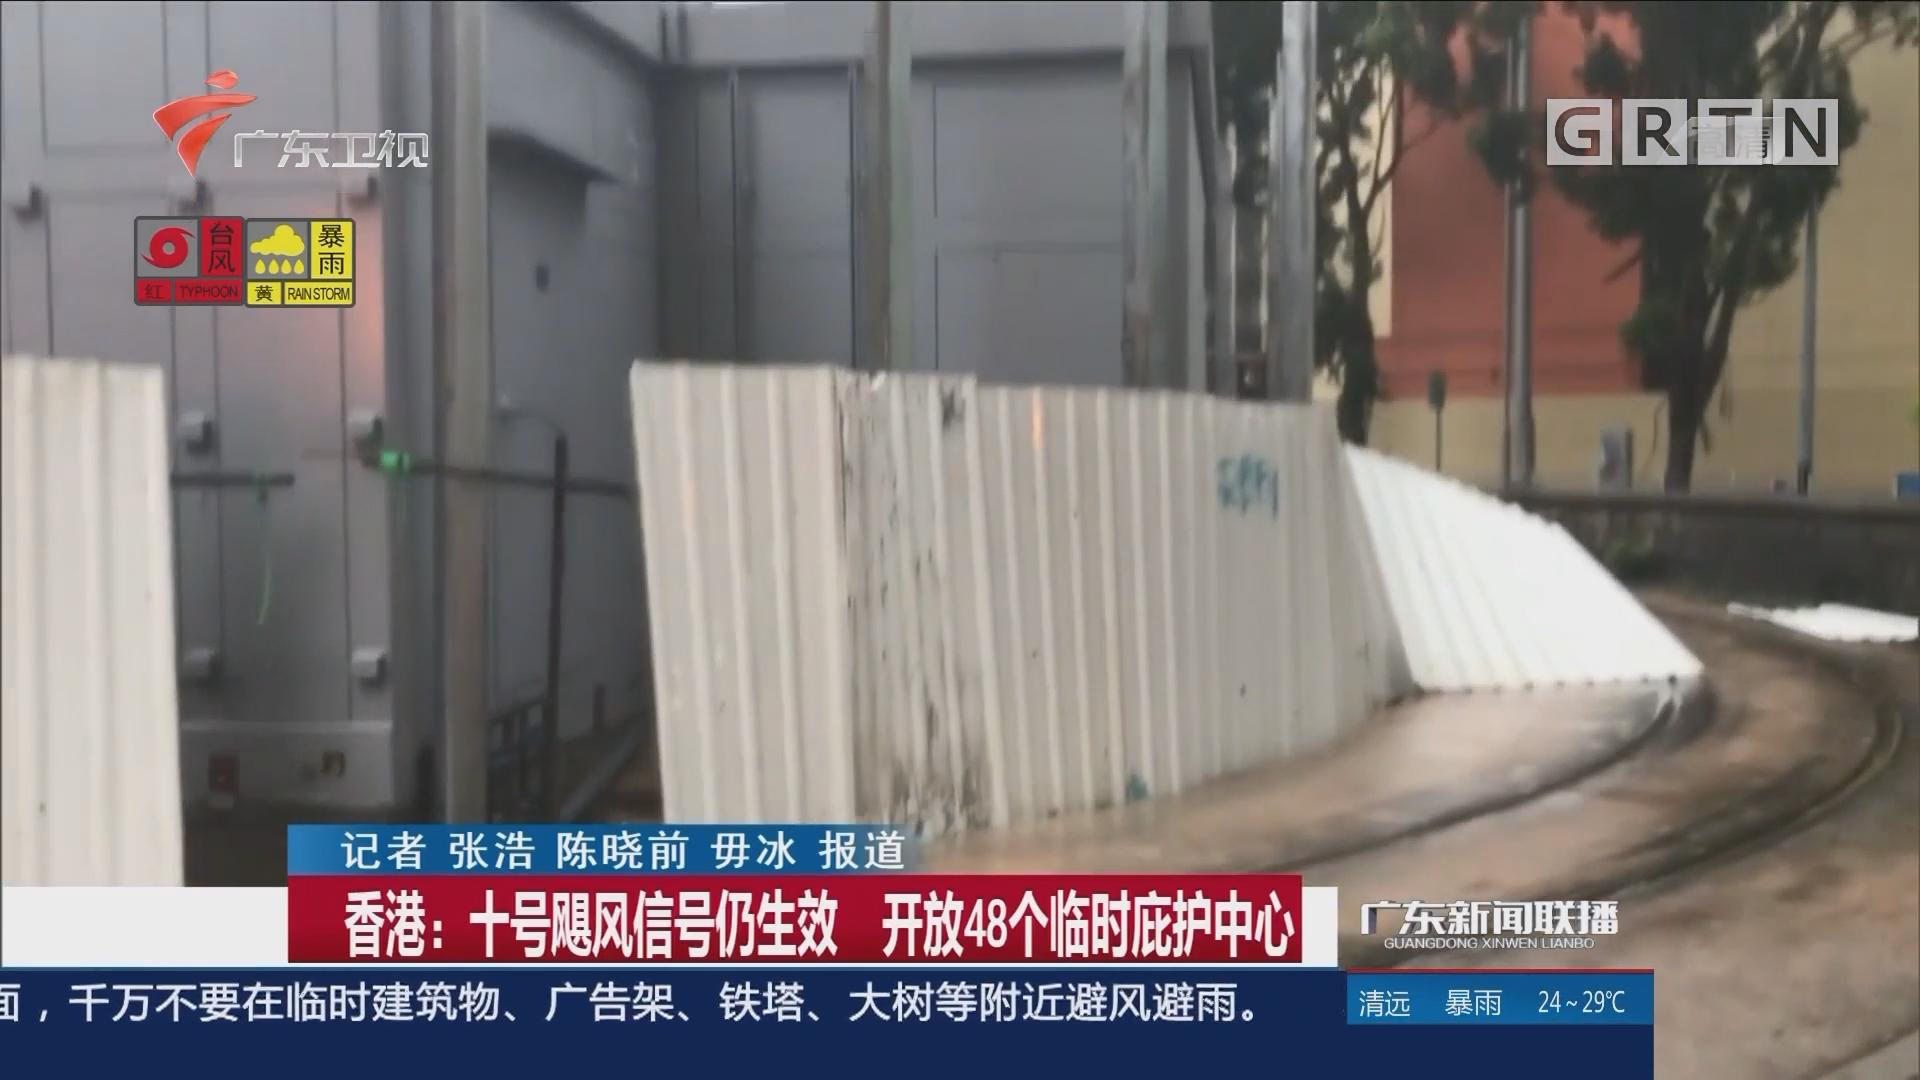 香港:十号飓风信号仍生效 开放48个临时庇护中心